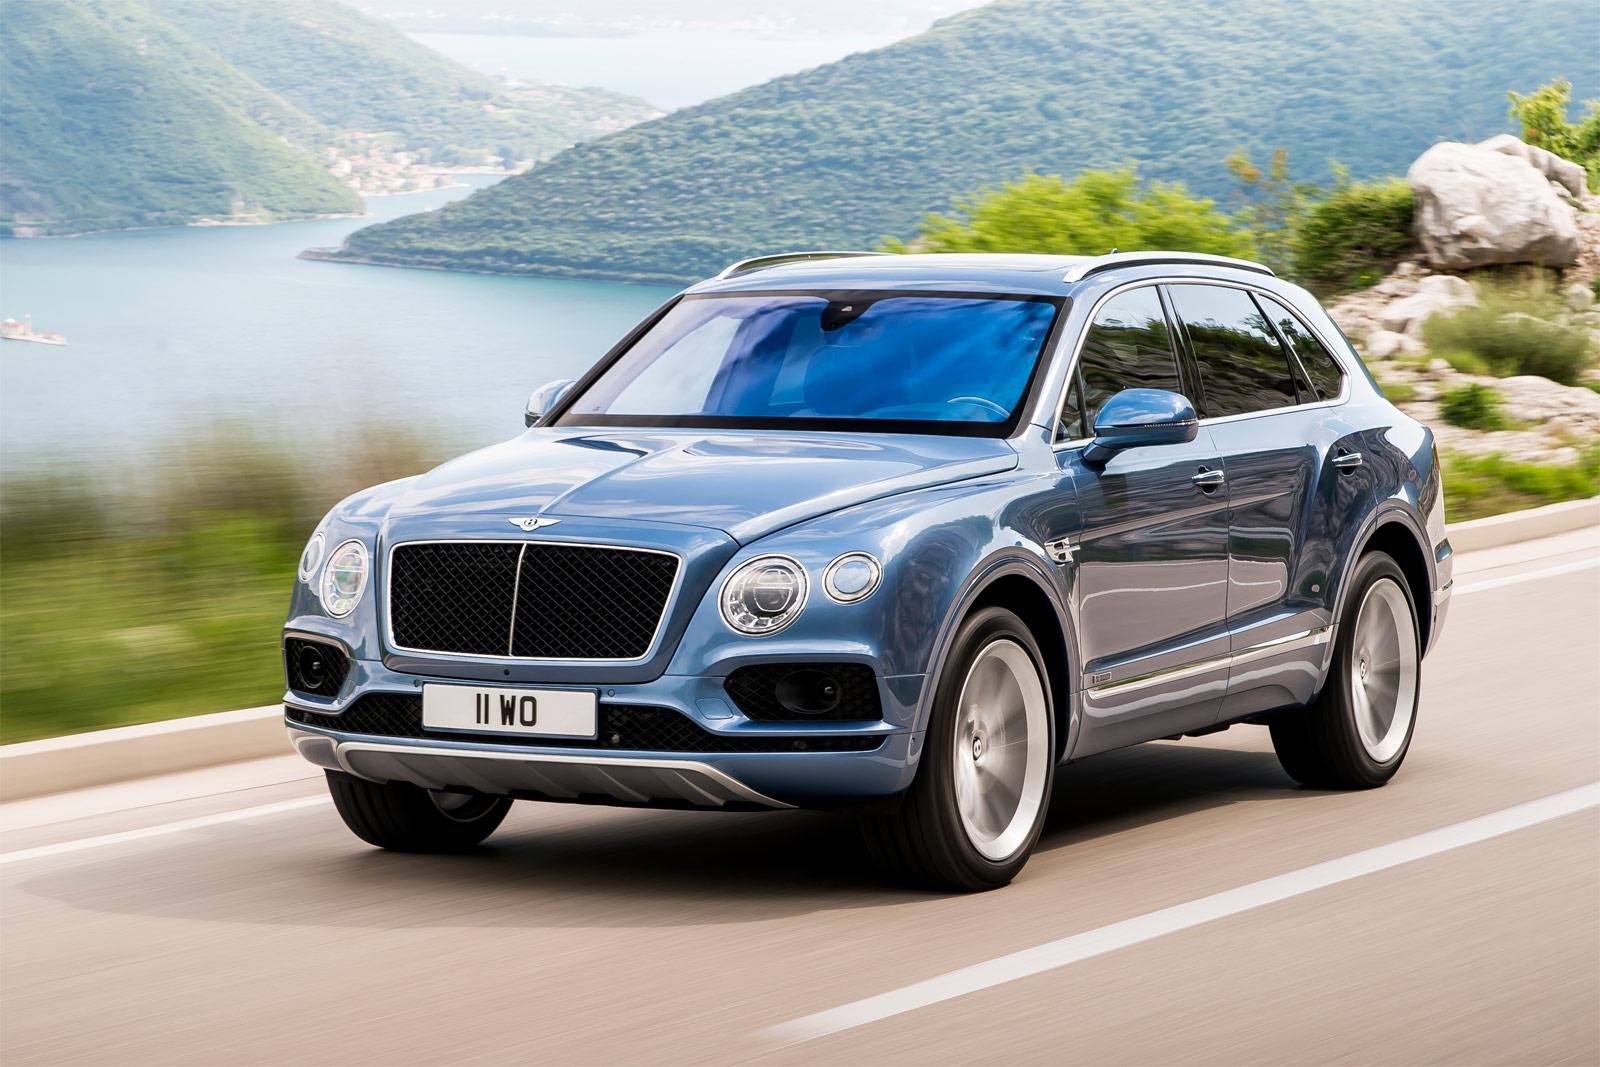 The Bentley Bentayga Diesel - Power, Refinement And Range 5